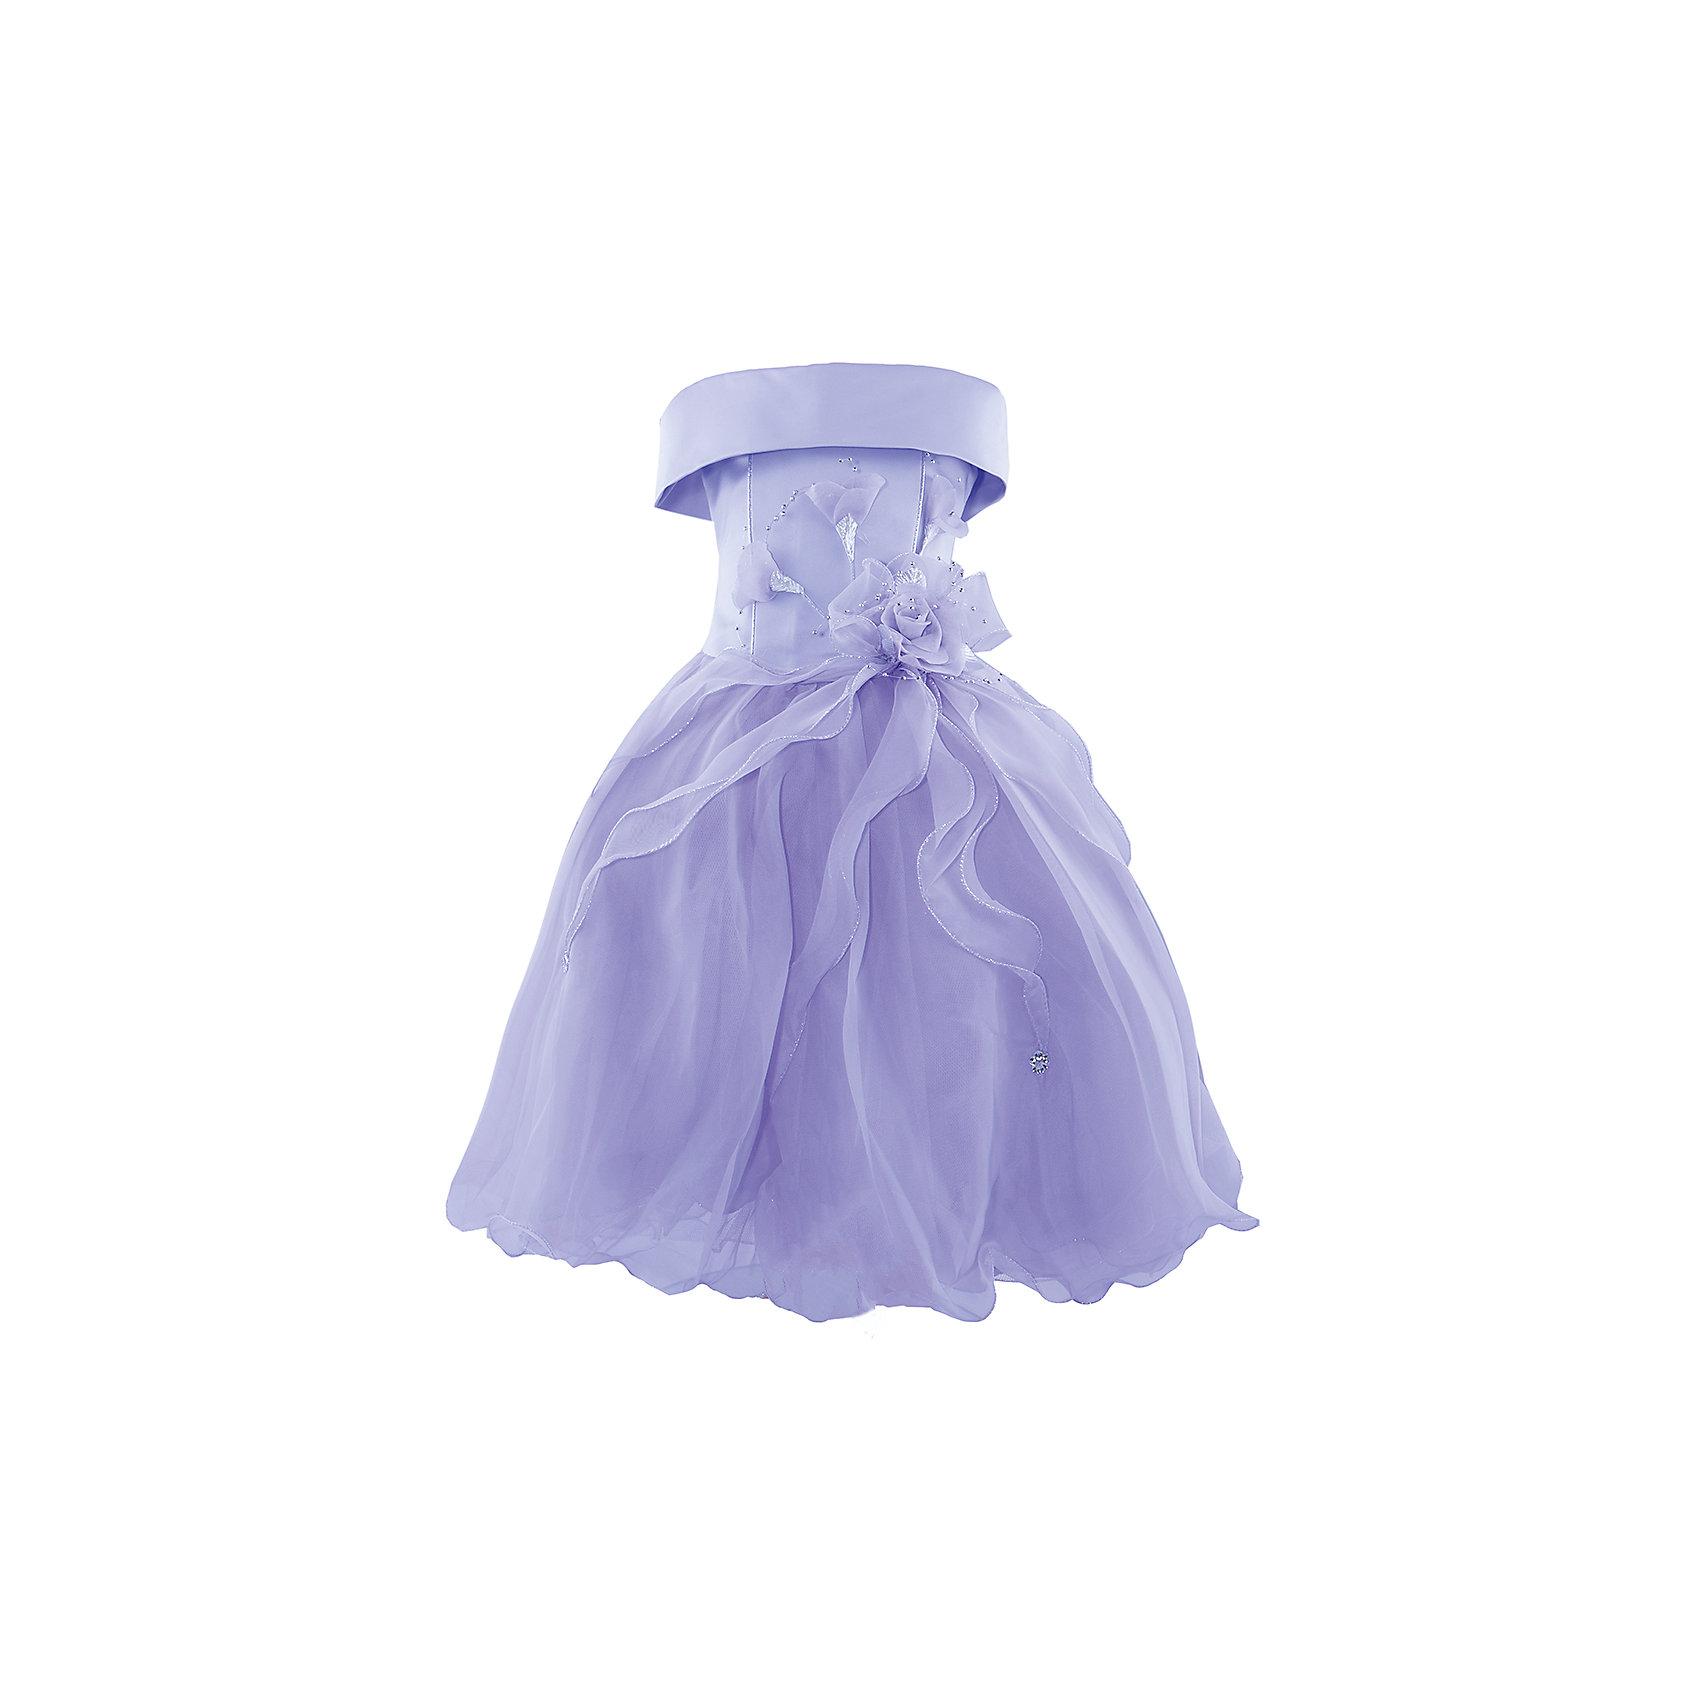 Нарядное платье ШармельНарядное платье для девочки от российской марки Шармель<br><br>Красивое пышное платье как у принцессы - мечта каждой девочки. Данное платье смотрится очень празднично и воздушно. На любом празднике ребенок в нем будет выглядеть нарядно, эффектно и торжественно.<br><br>Особенности модели:<br><br>- состав: 100% полиэстер; подкл.: 100% хлопок<br>- материал - с блеском;<br>- цвет - сиреневый;<br>- подол - многослойный, пышный, с полужестким каркасом из сетки;<br>- без рукавов;<br>- можно утянуть лиф шнуровкой;<br>- сзади застежка-молния;<br>- резинка на прорезях для рукавов;<br>- лиф жесткий, украшен цветами из органзы с серебристой фурнитурой.<br><br>Дополнительная информация:<br><br>Габариты:<br><br>длина по спинке - 71 см.<br><br>* соответствует размеру 104/116<br><br>Нарядное платье для девочки от российской марки Шармель можно купить в нашем магазине.<br><br>Ширина мм: 236<br>Глубина мм: 16<br>Высота мм: 184<br>Вес г: 177<br>Цвет: фиолетовый<br>Возраст от месяцев: 48<br>Возраст до месяцев: 72<br>Пол: Женский<br>Возраст: Детский<br>Размер: 104/116<br>SKU: 4243374